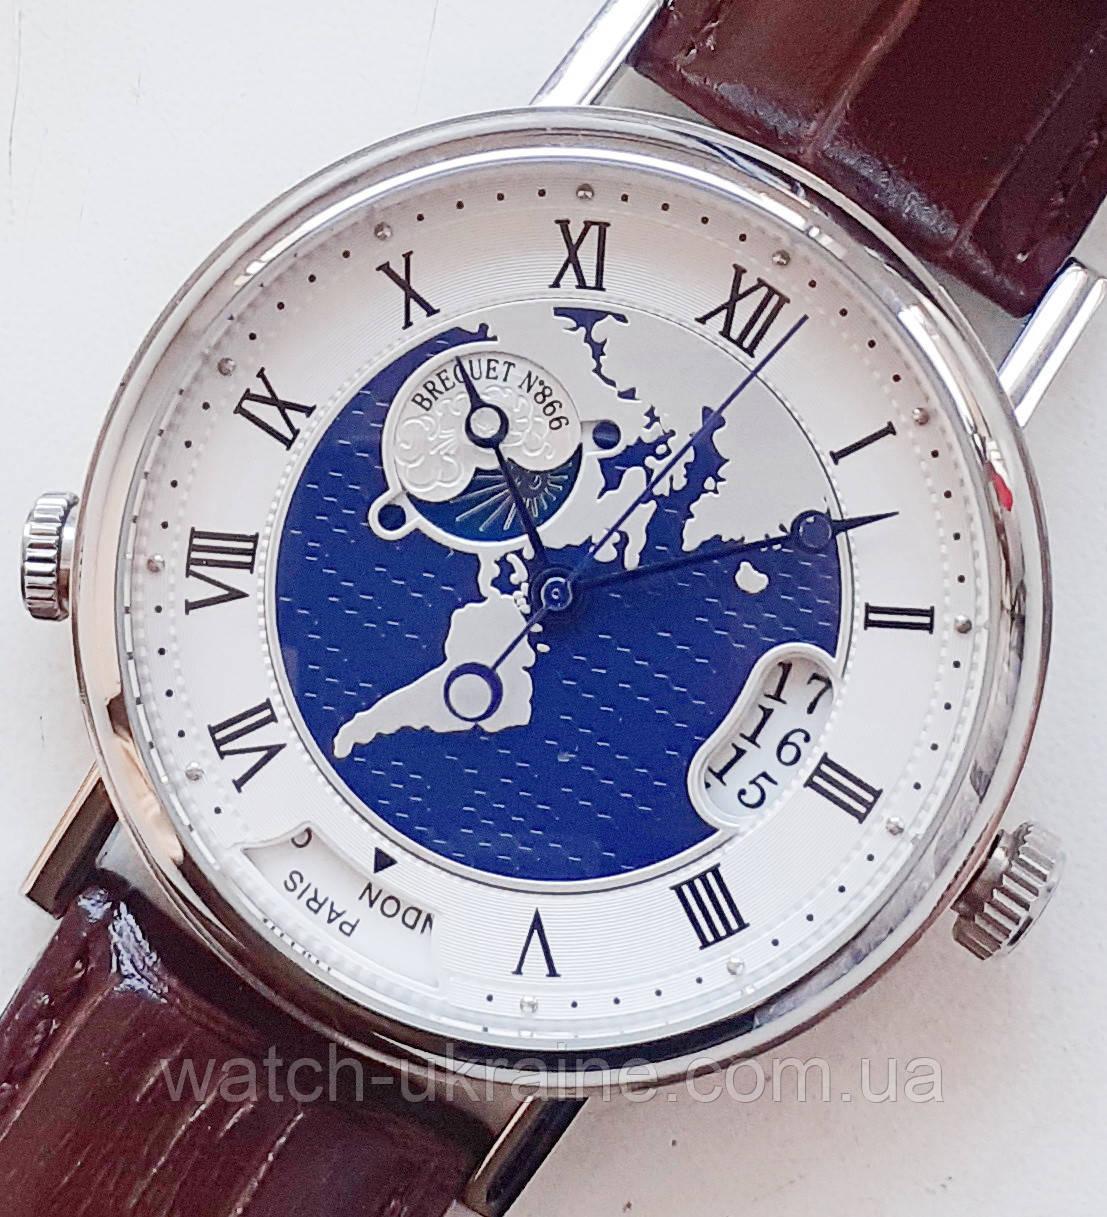 Часы BREGUET №866.Класс ААА